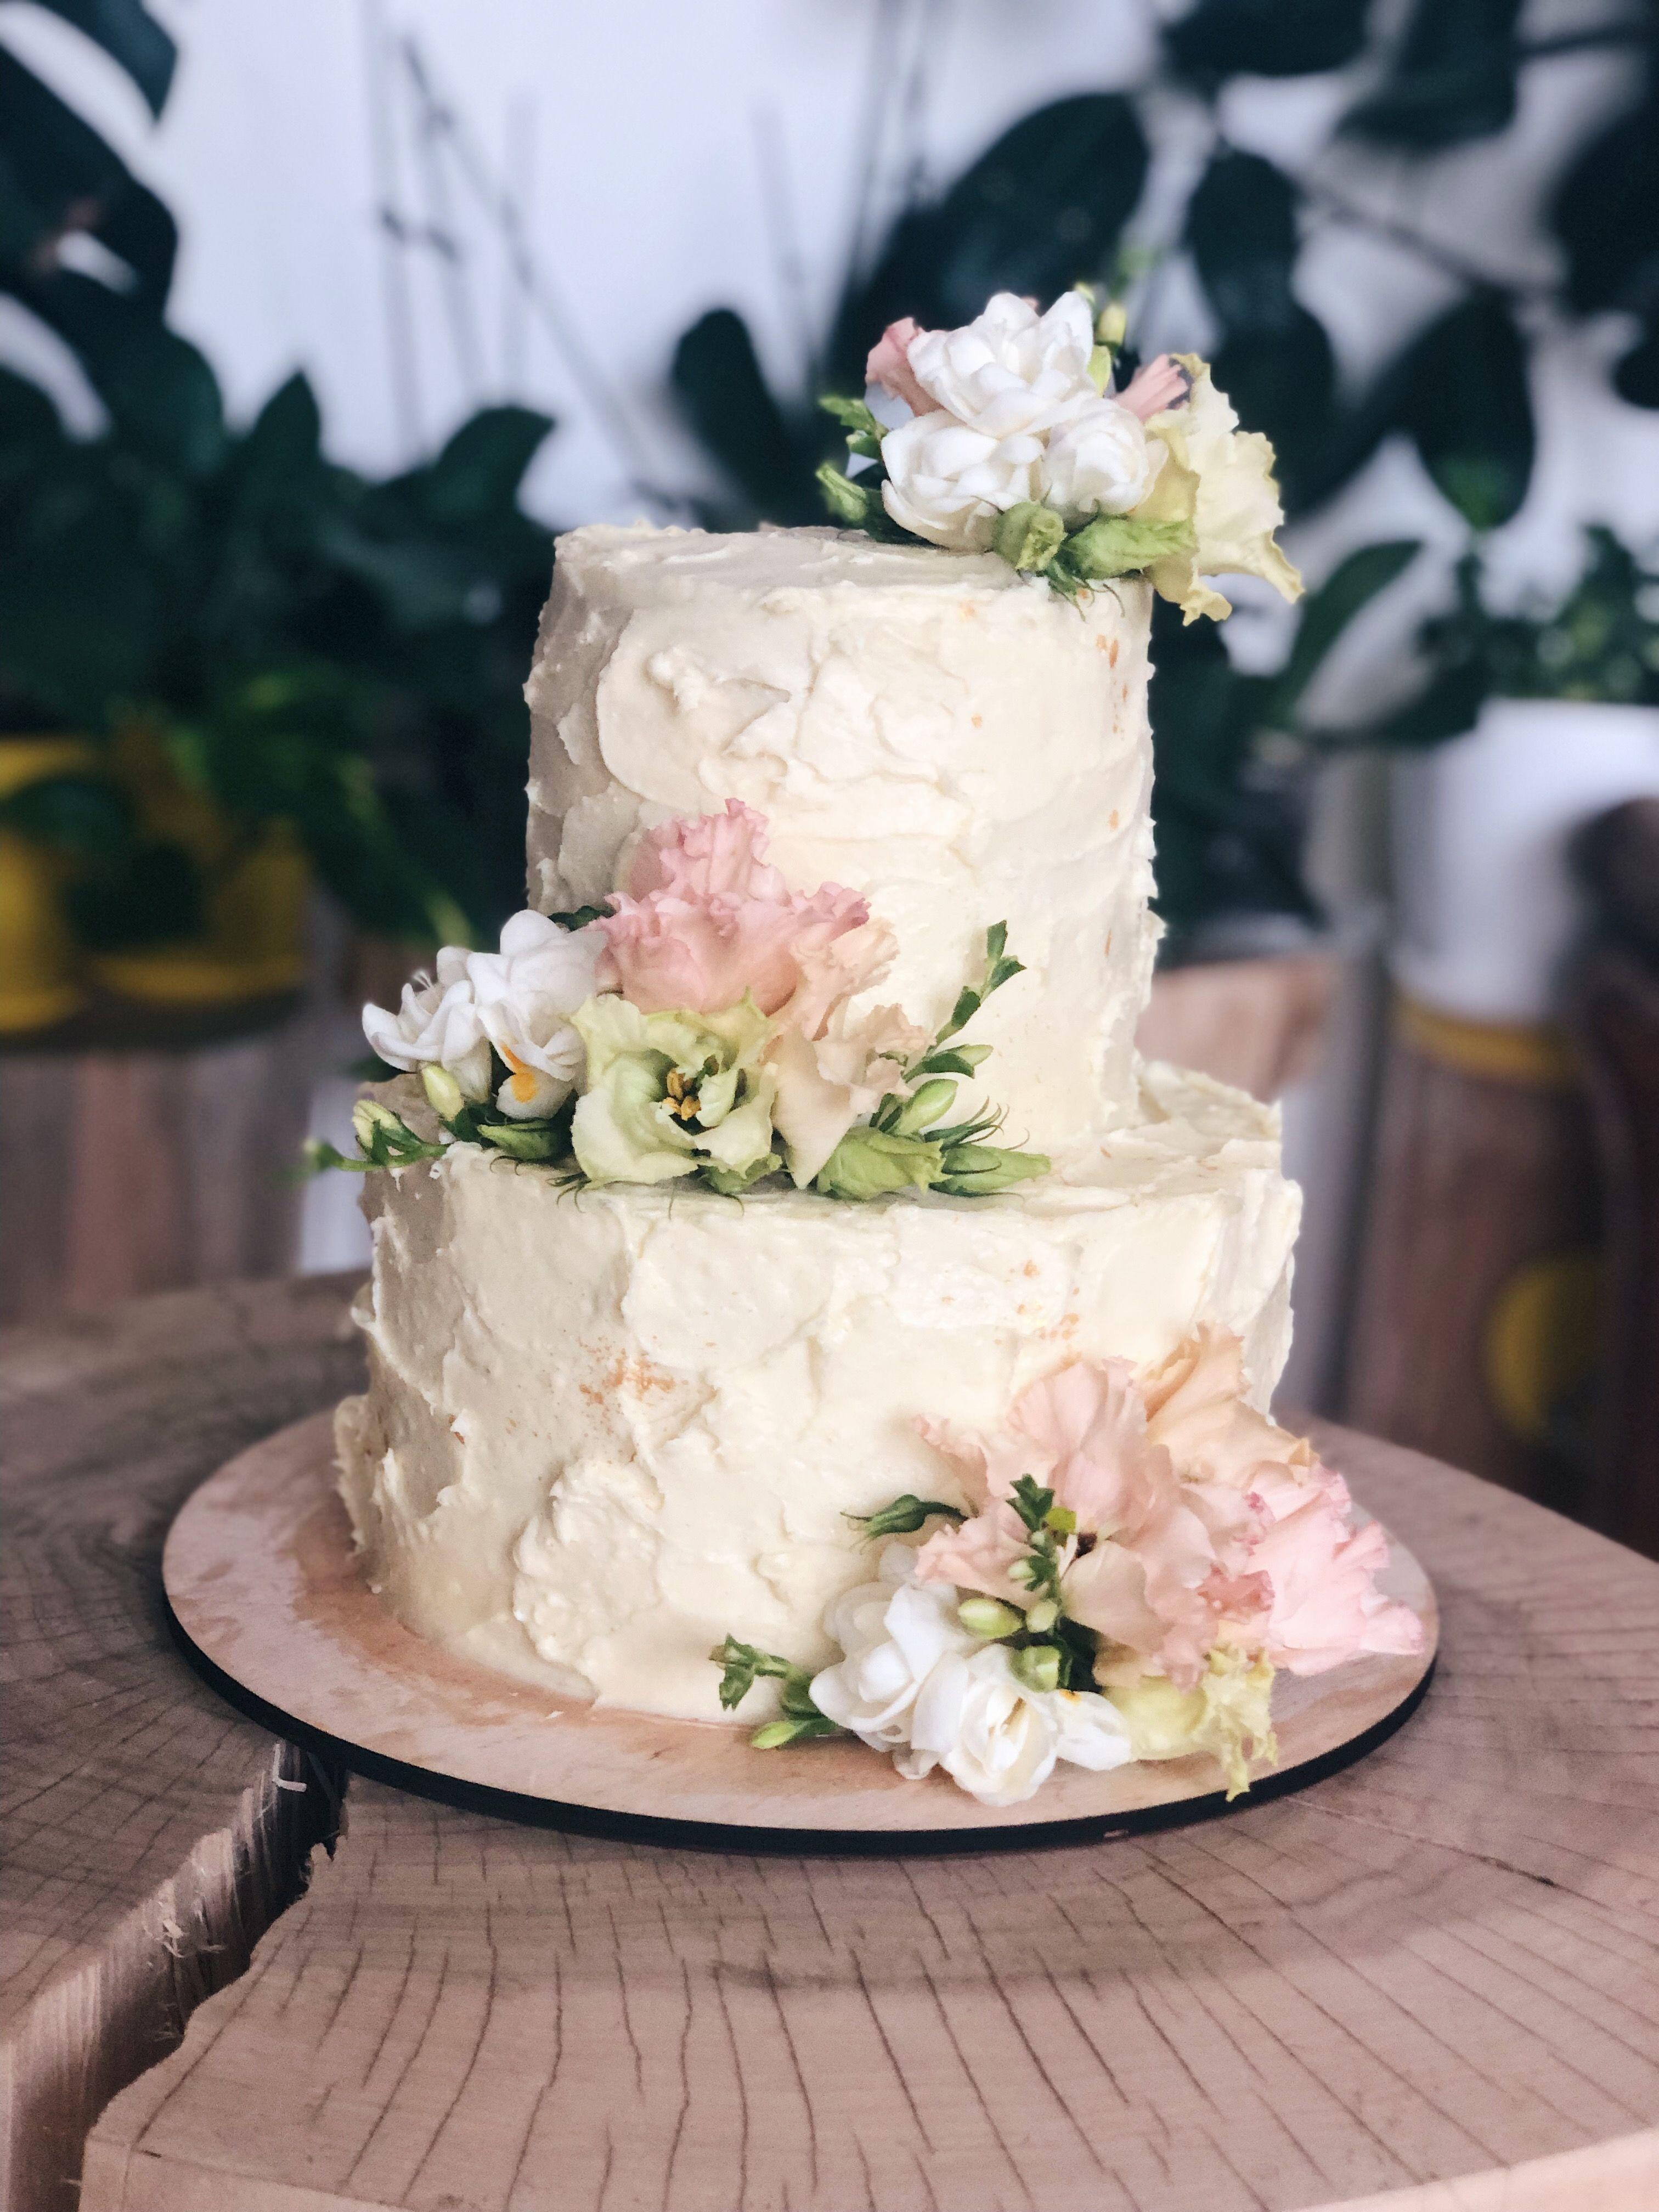 Торт свадебный | Торт, Свадебный торт, Свадебные торты